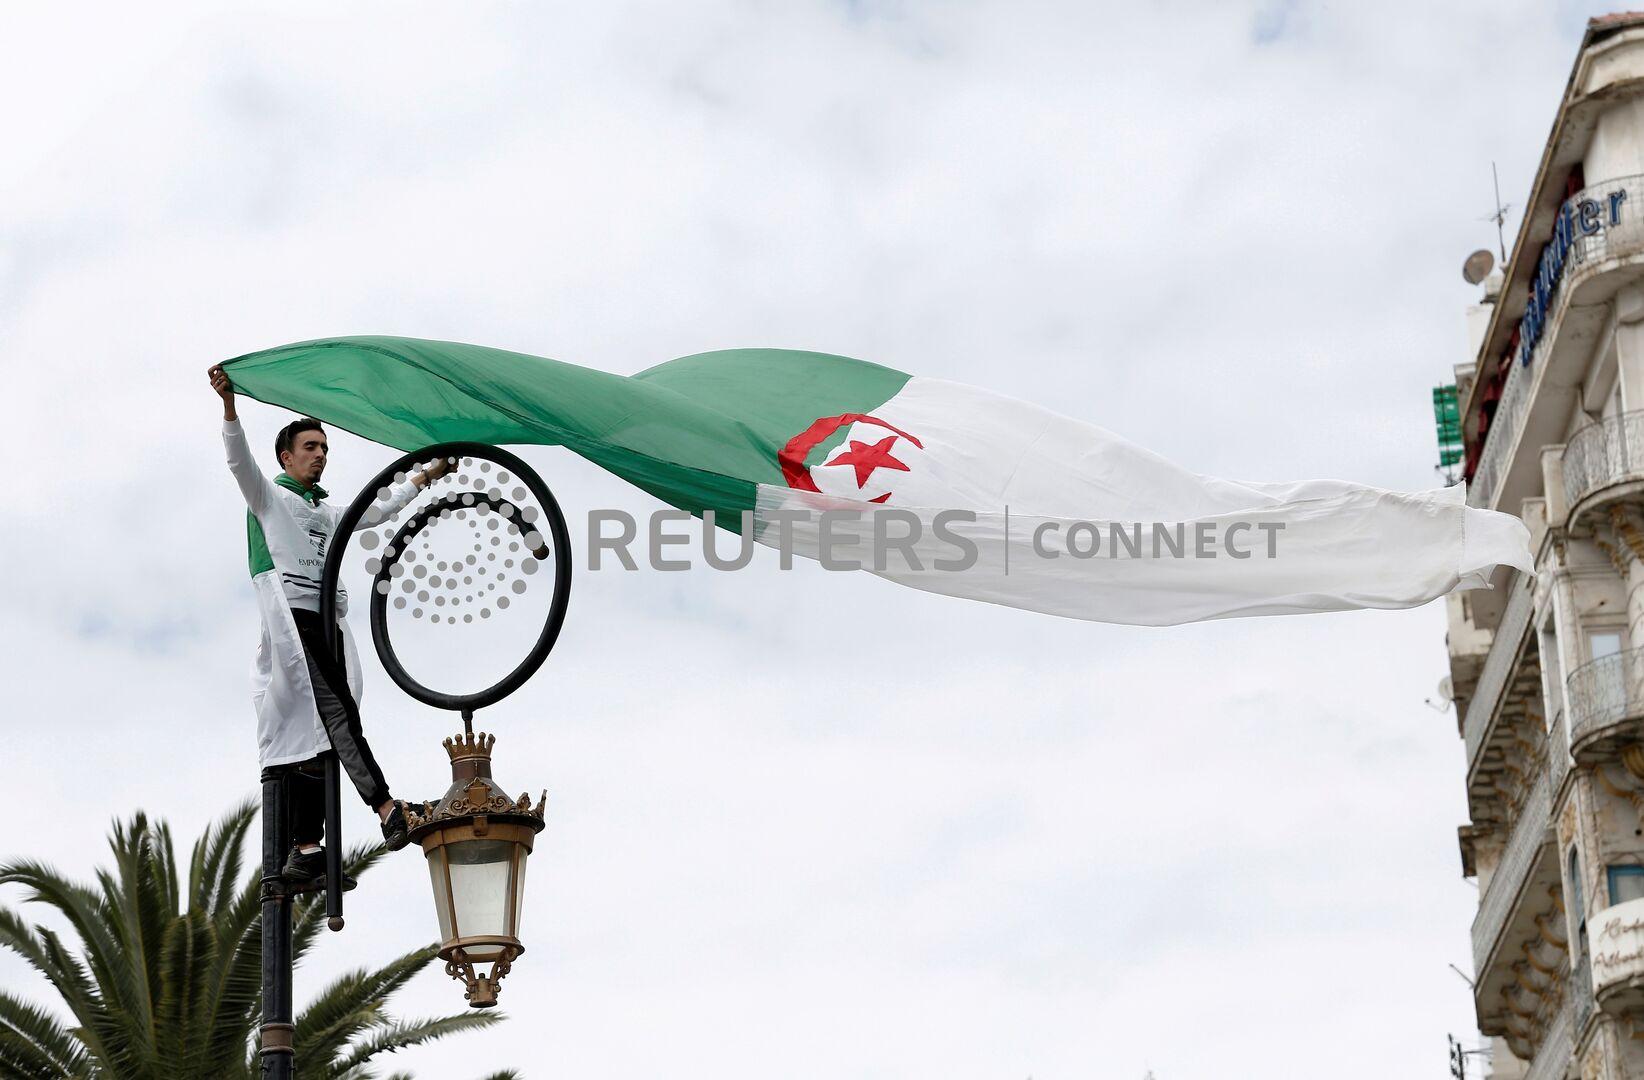 شركة الكهرباء والغاز الجزائرية ''سونلغاز